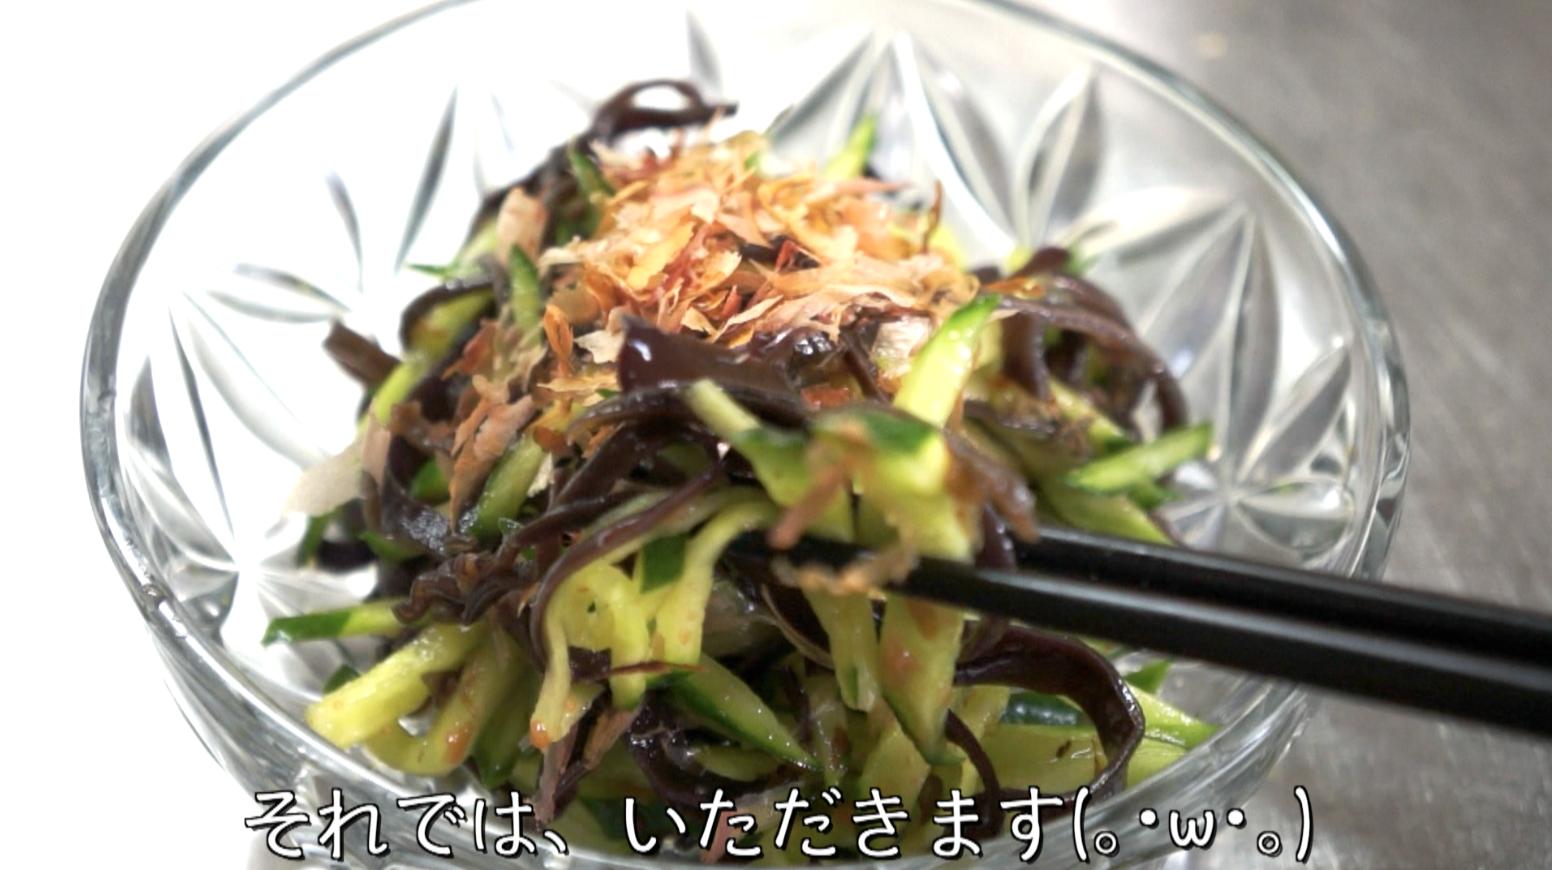 キクラゲ きゅうり レシピ